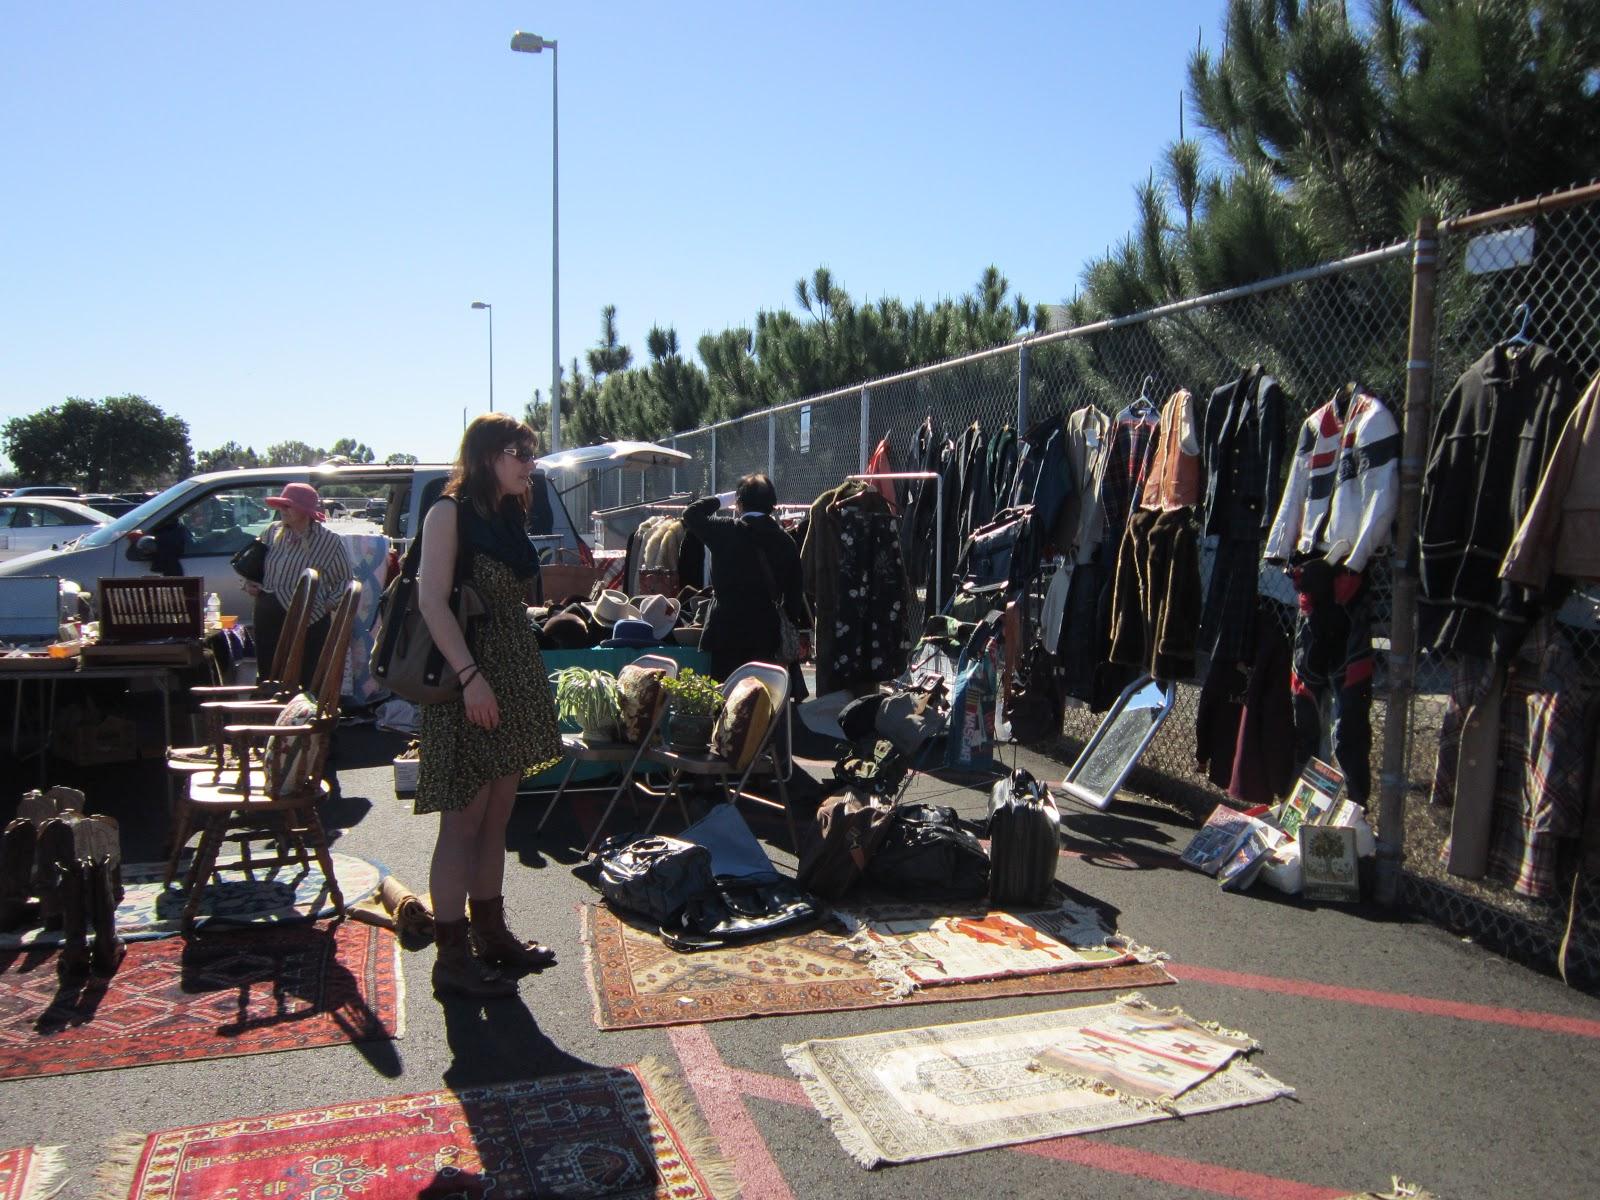 Toni 39 s vintage trips long beach antique market for Long beach antique market